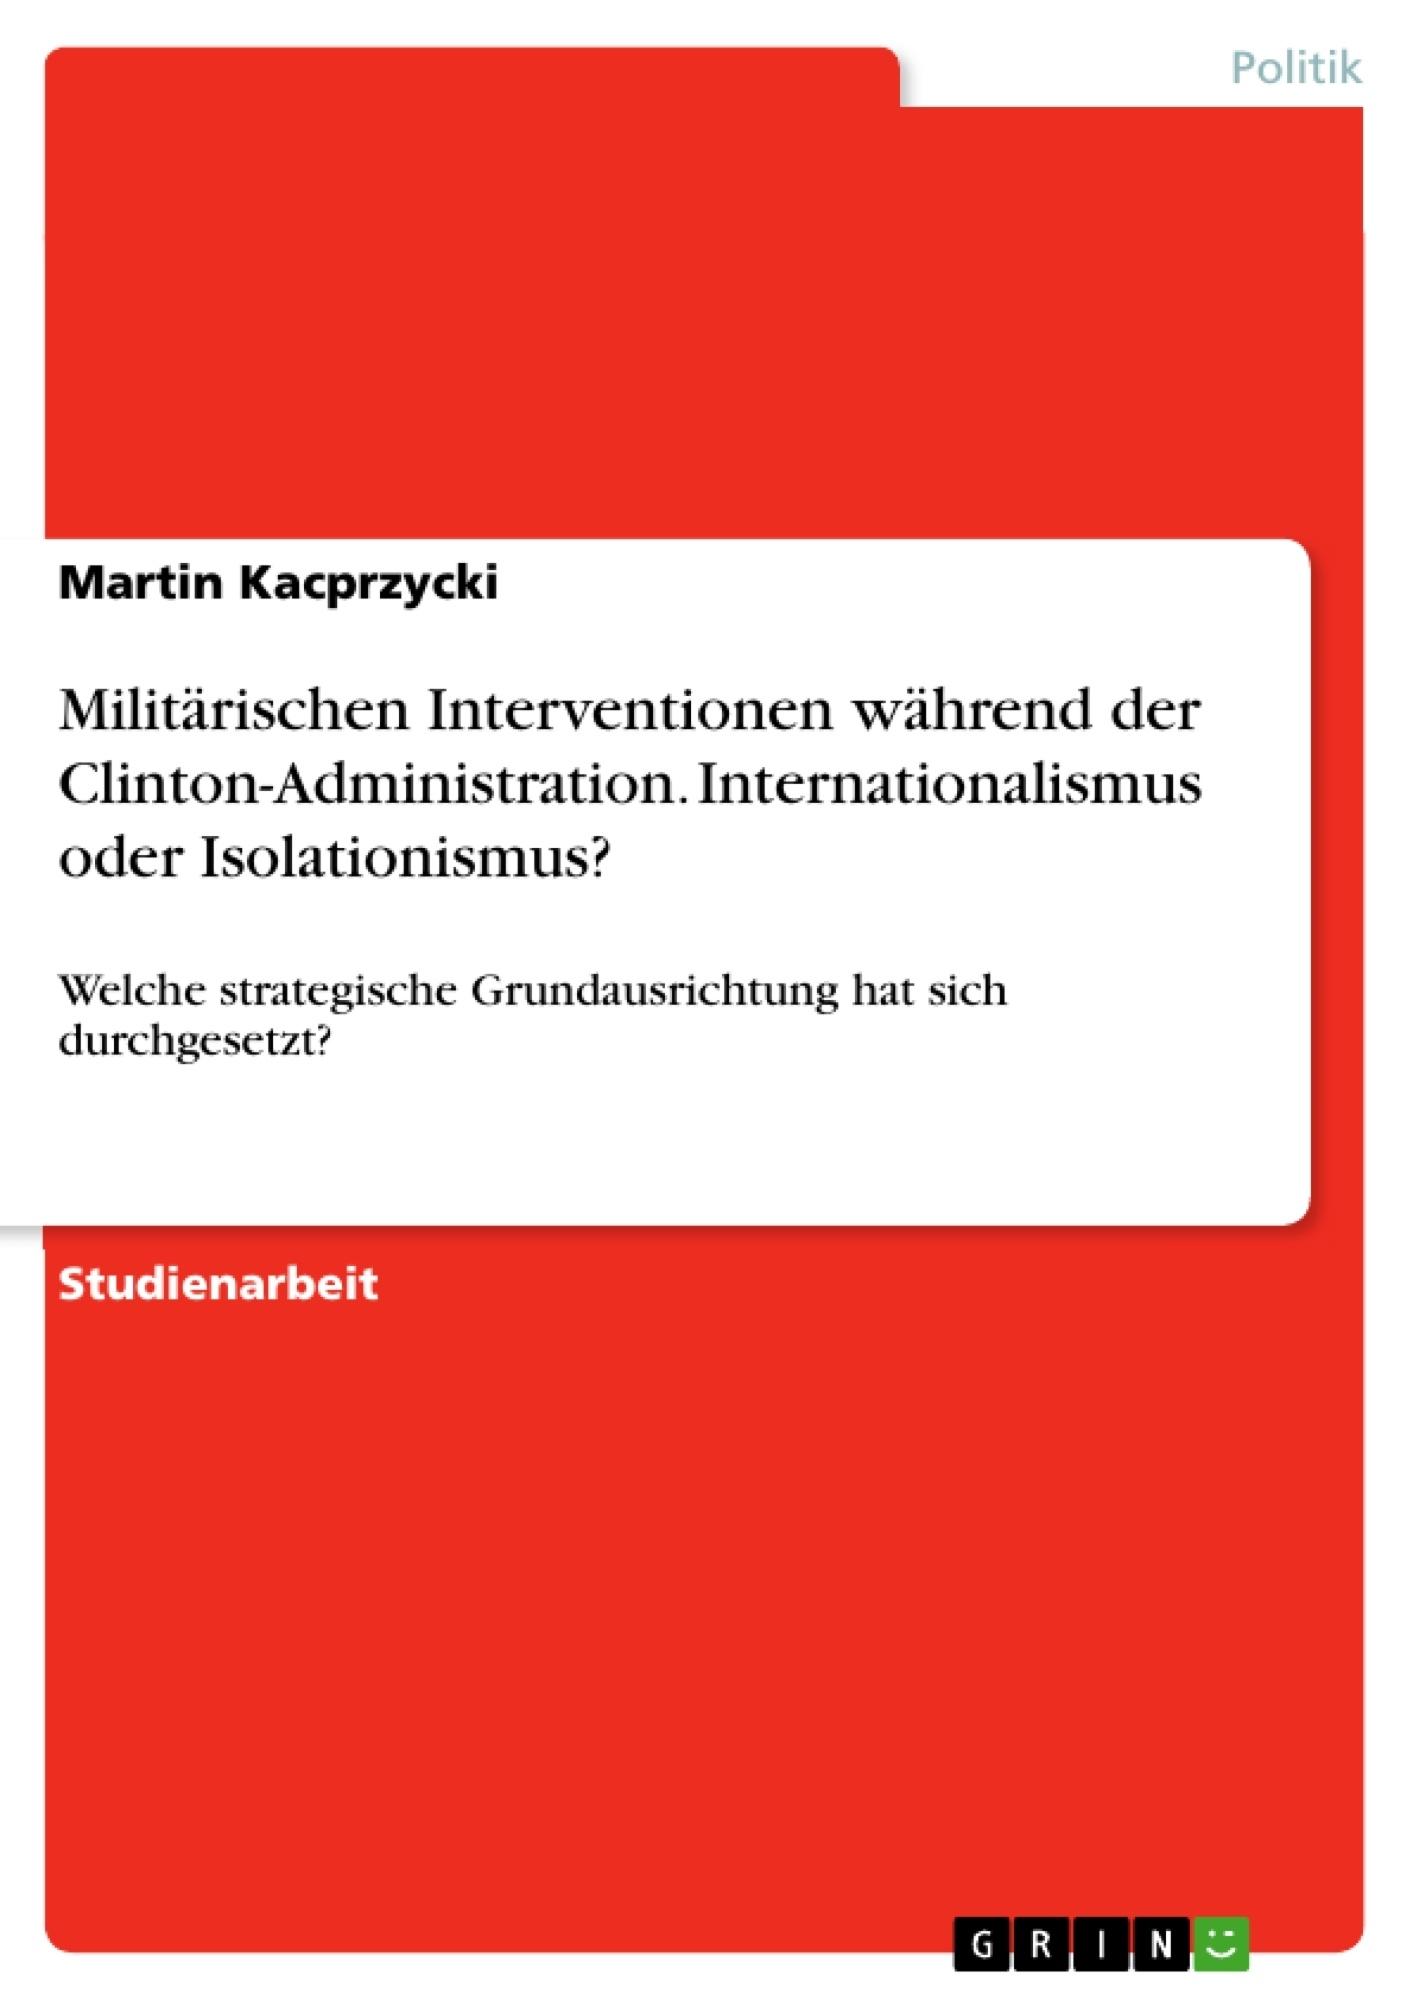 Titel: Militärischen Interventionen während der Clinton-Administration. Internationalismus oder Isolationismus?